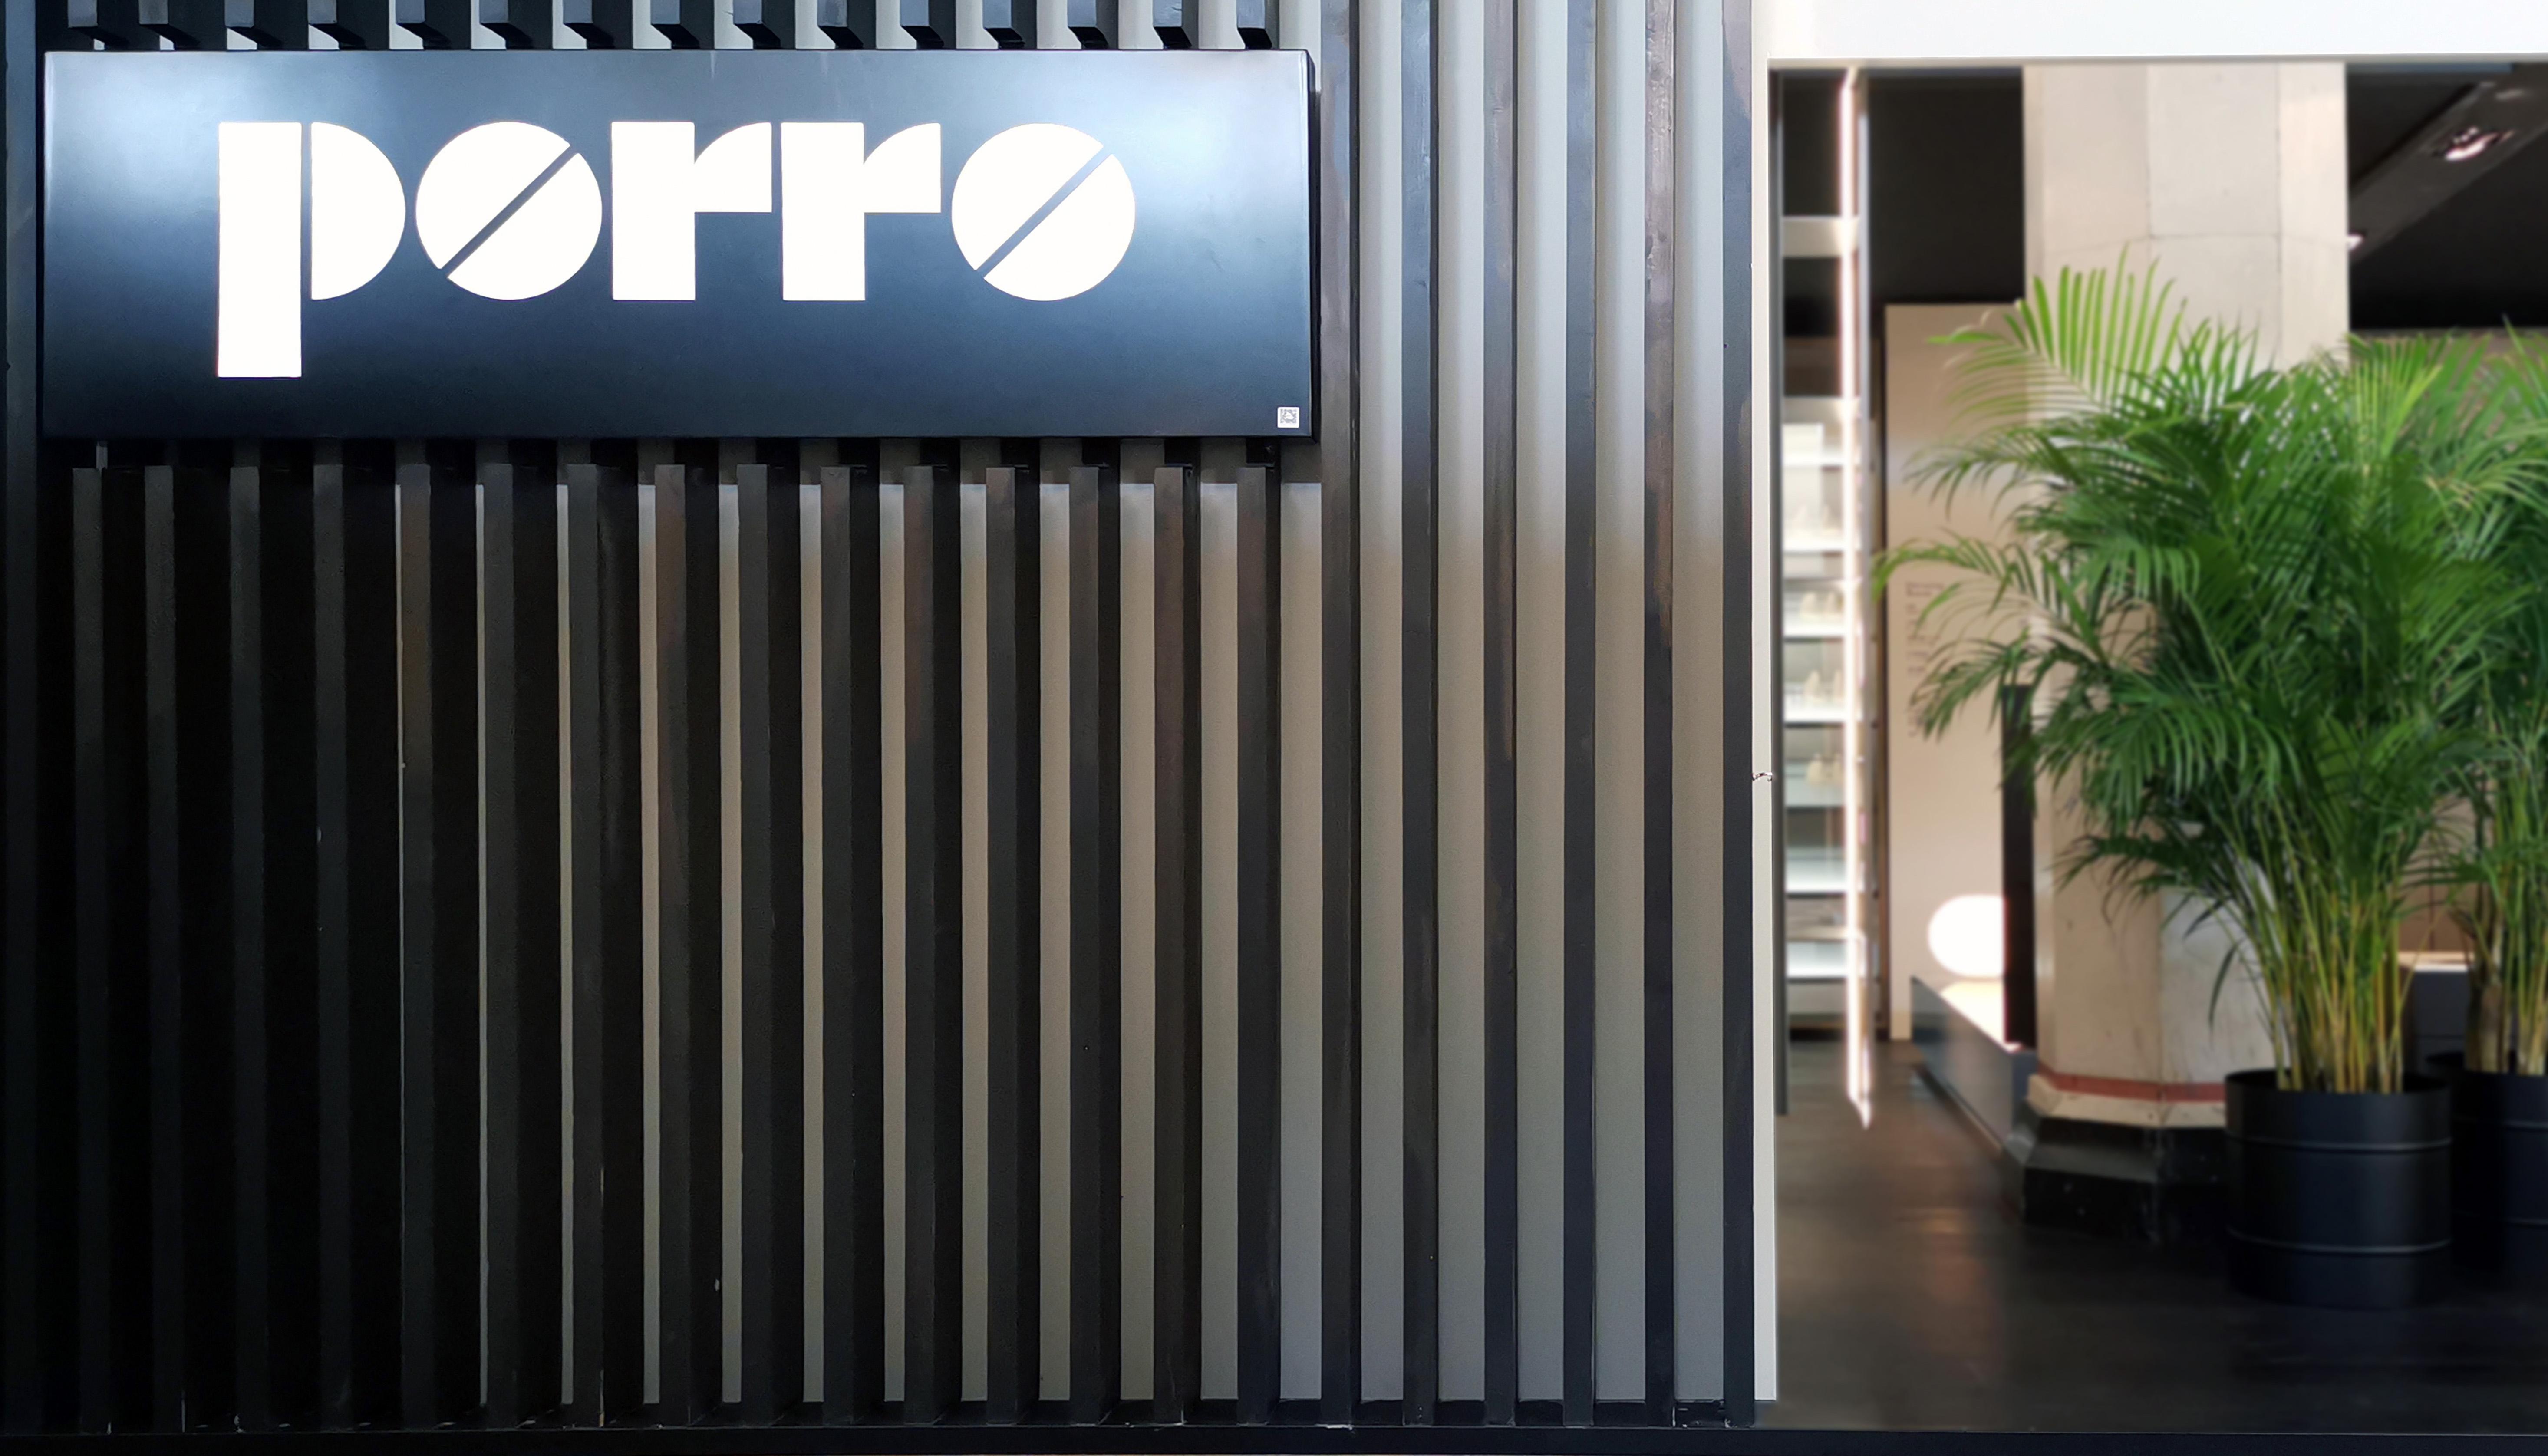 Porro - Porro@Salone del Mobile.Milano Shanghai